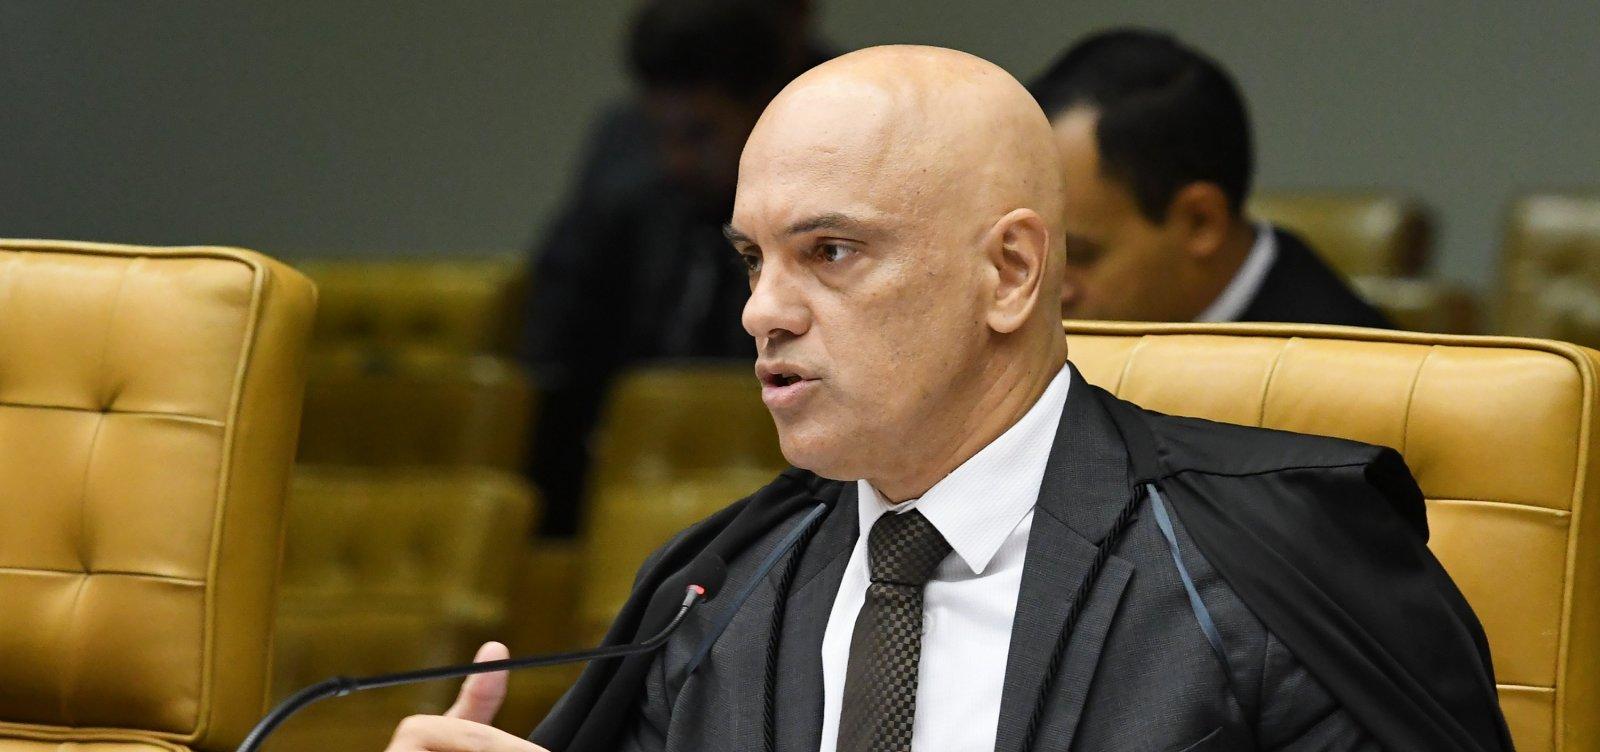 [Moraes diz que harmonia entre poderes não se confunde com 'apatia' do Judiciário]